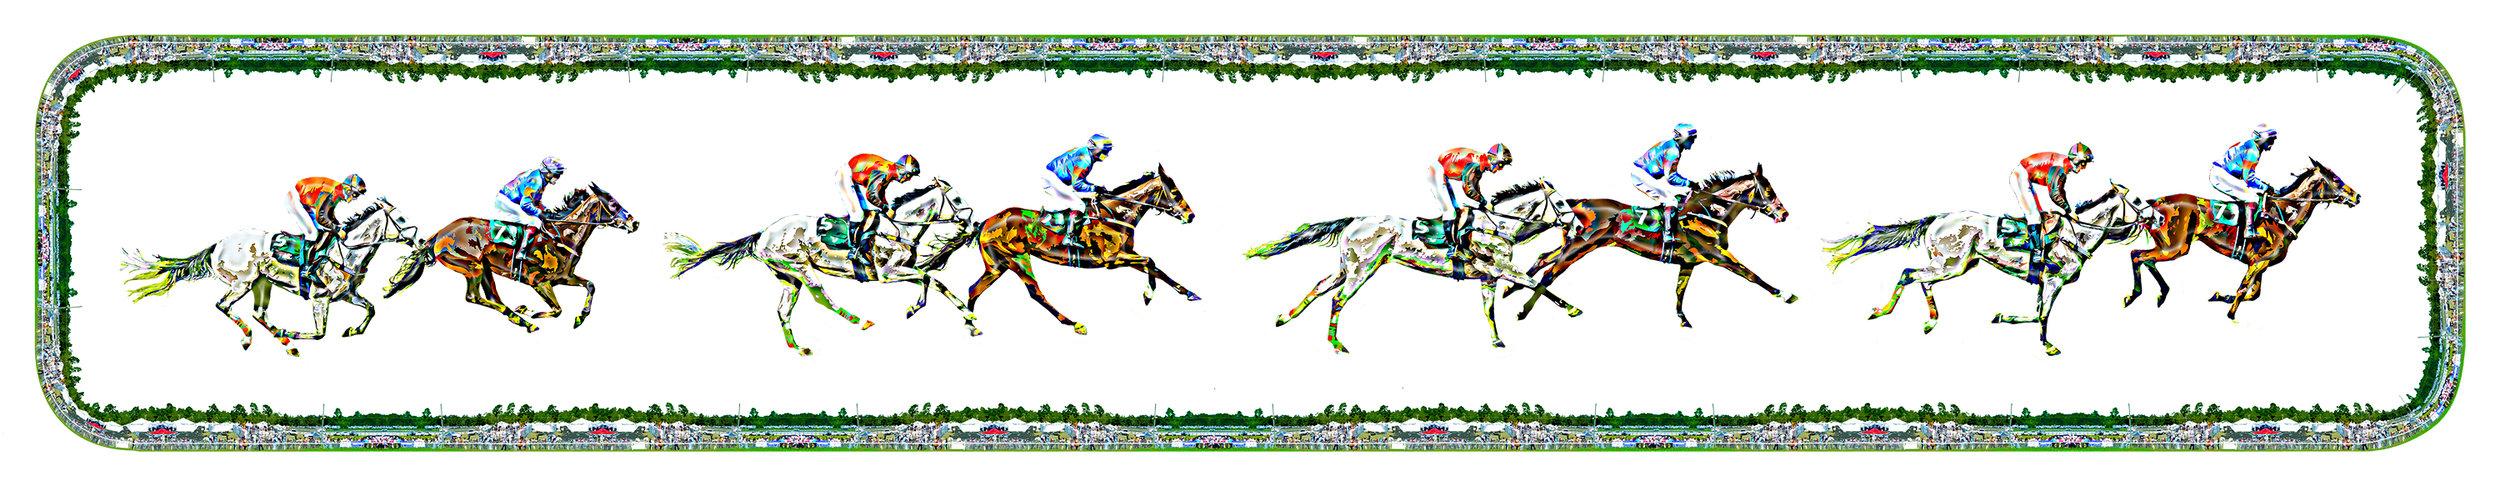 10 inch 9-5-2018 Aiken Fall Races 4.jpg